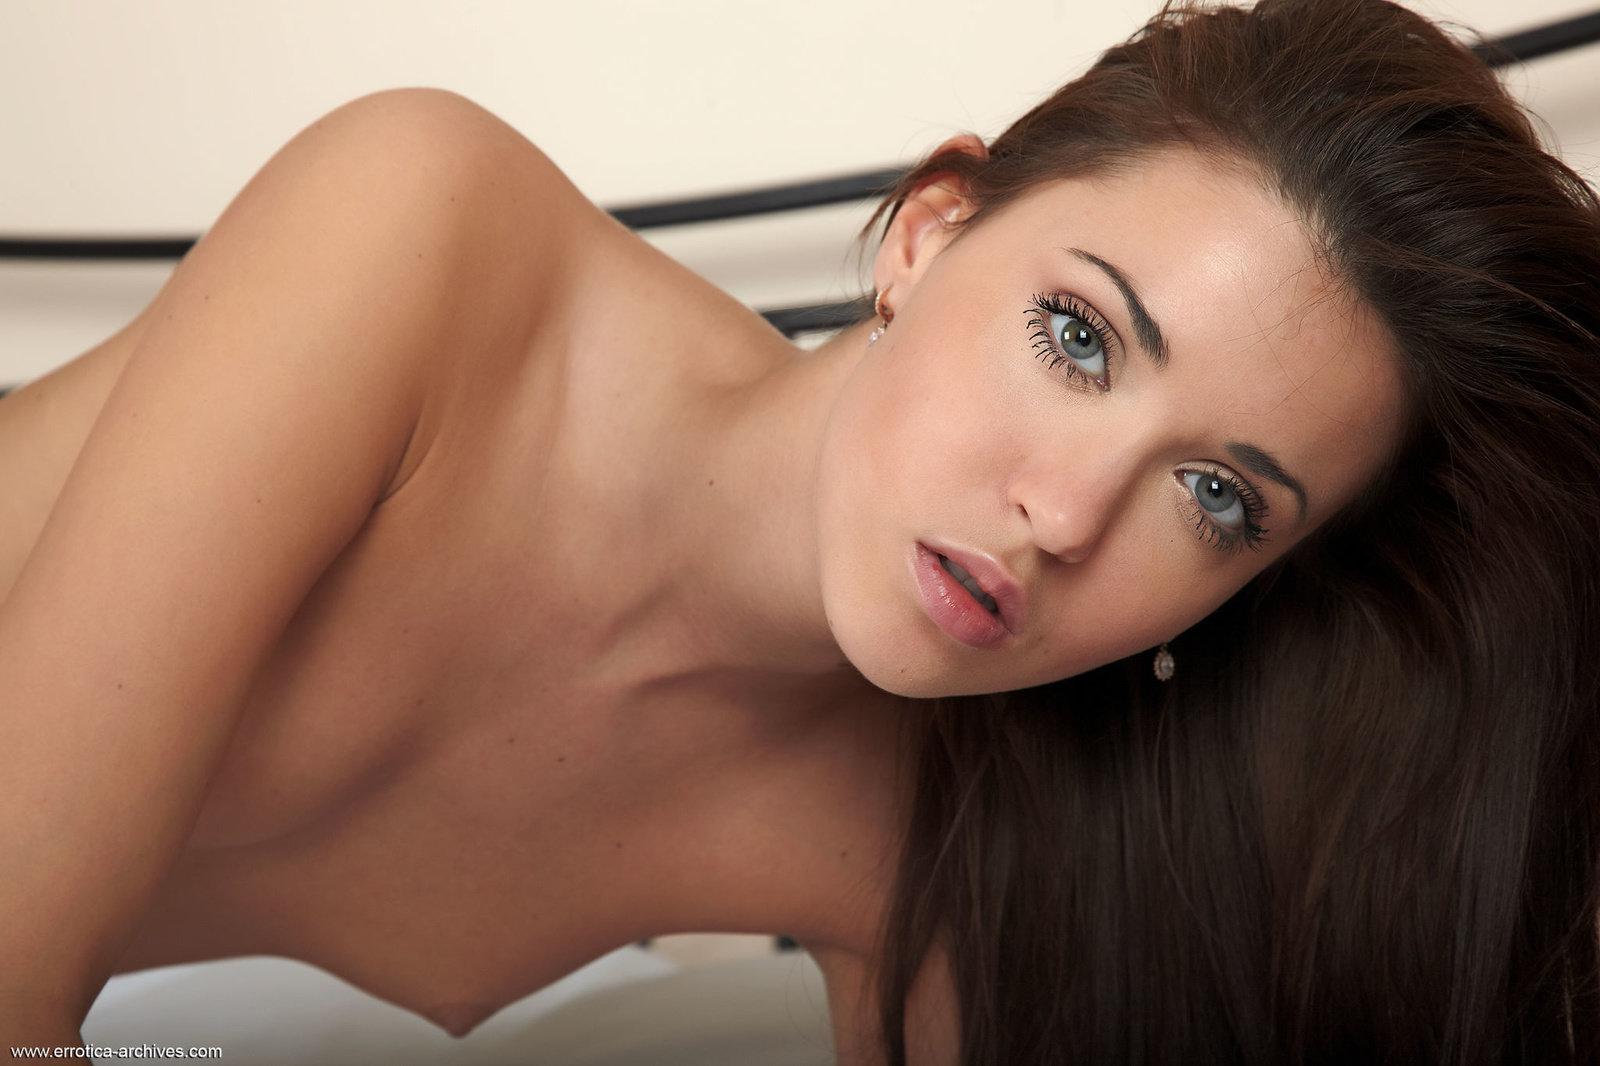 Zdjęcie porno - 1118 - Naga suczka w sypialni